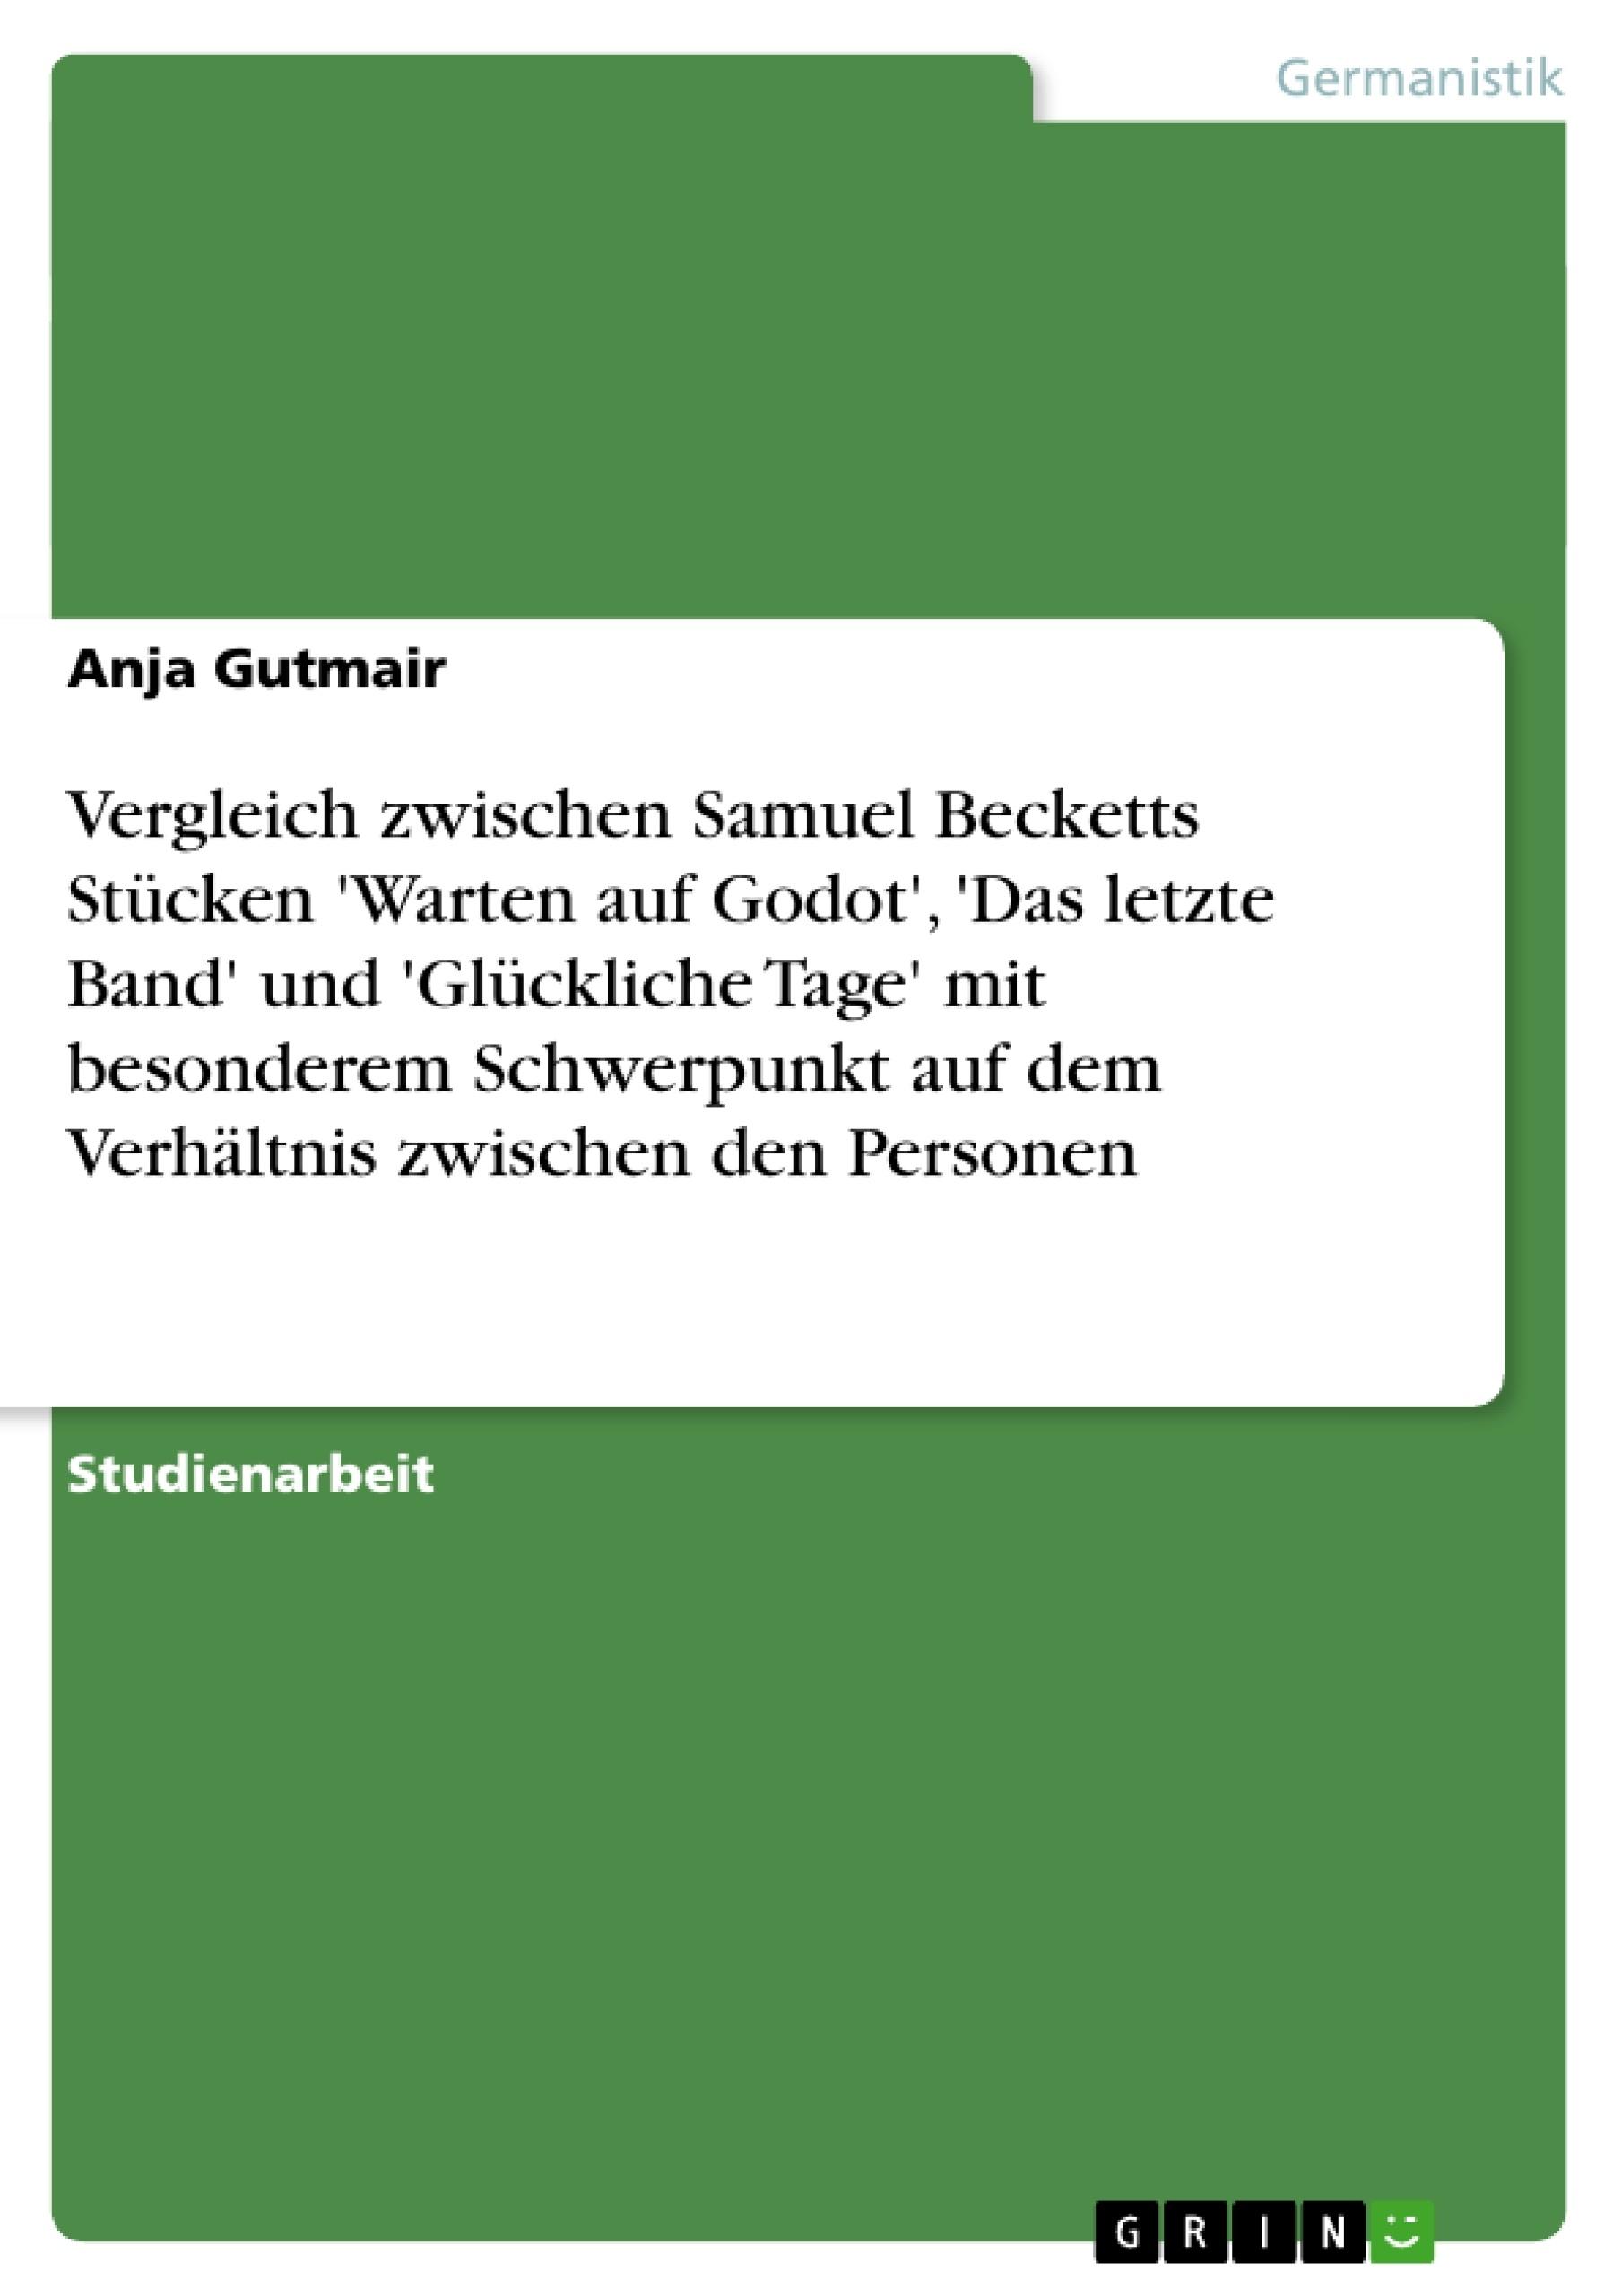 Titel: Vergleich zwischen Samuel Becketts Stücken 'Warten auf Godot', 'Das letzte Band' und 'Glückliche Tage' mit besonderem Schwerpunkt auf dem Verhältnis zwischen den Personen